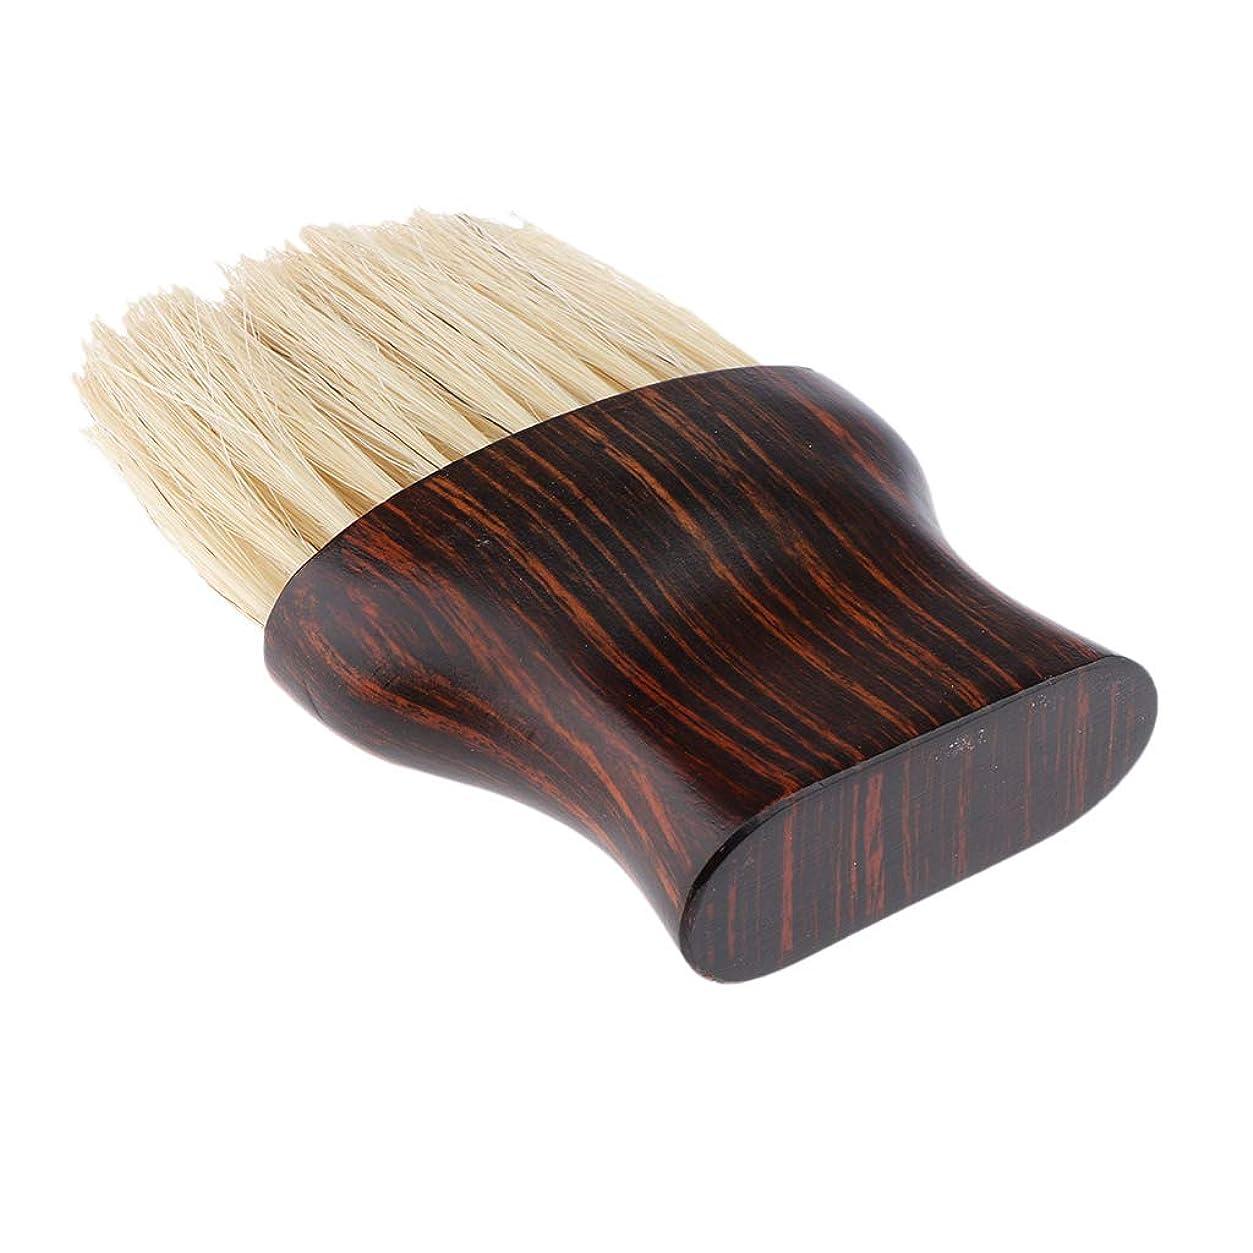 ジャンプ秘密の絡み合いSM SunniMix 毛払いブラシ ヘアブラシ 繊維毛 散髪 髪切り 散髪用ツール 床屋 理髪店 美容院 ソフトブラシ